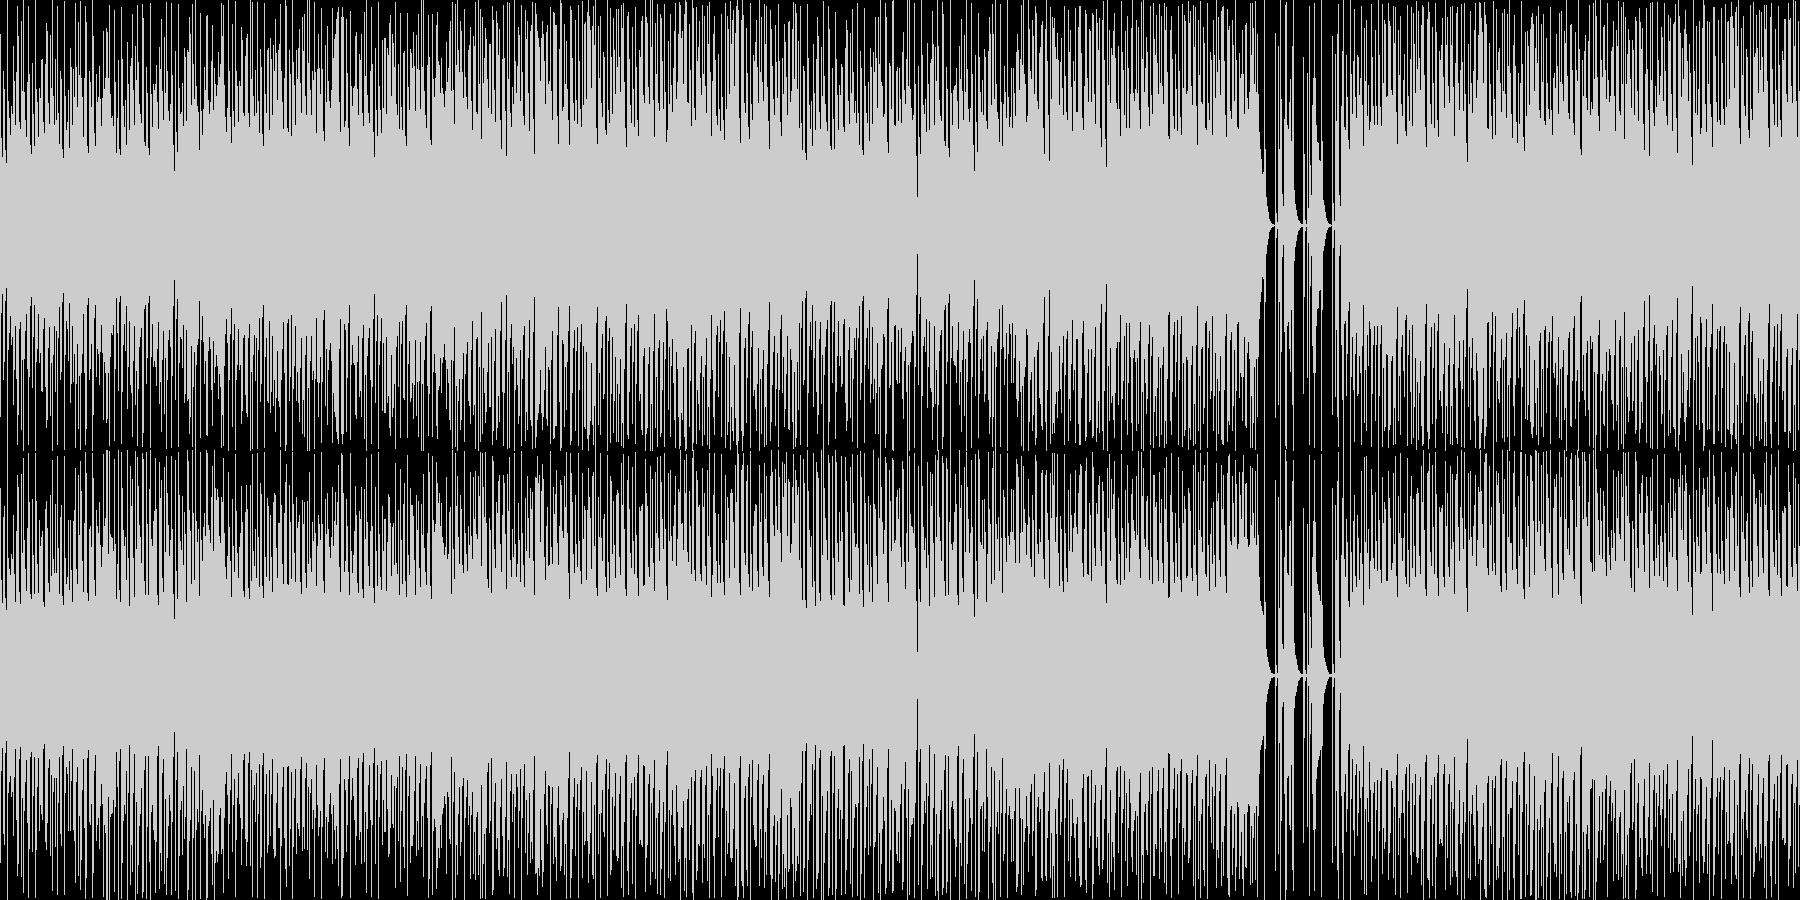 ファンキーなベースとドラムジャズの未再生の波形